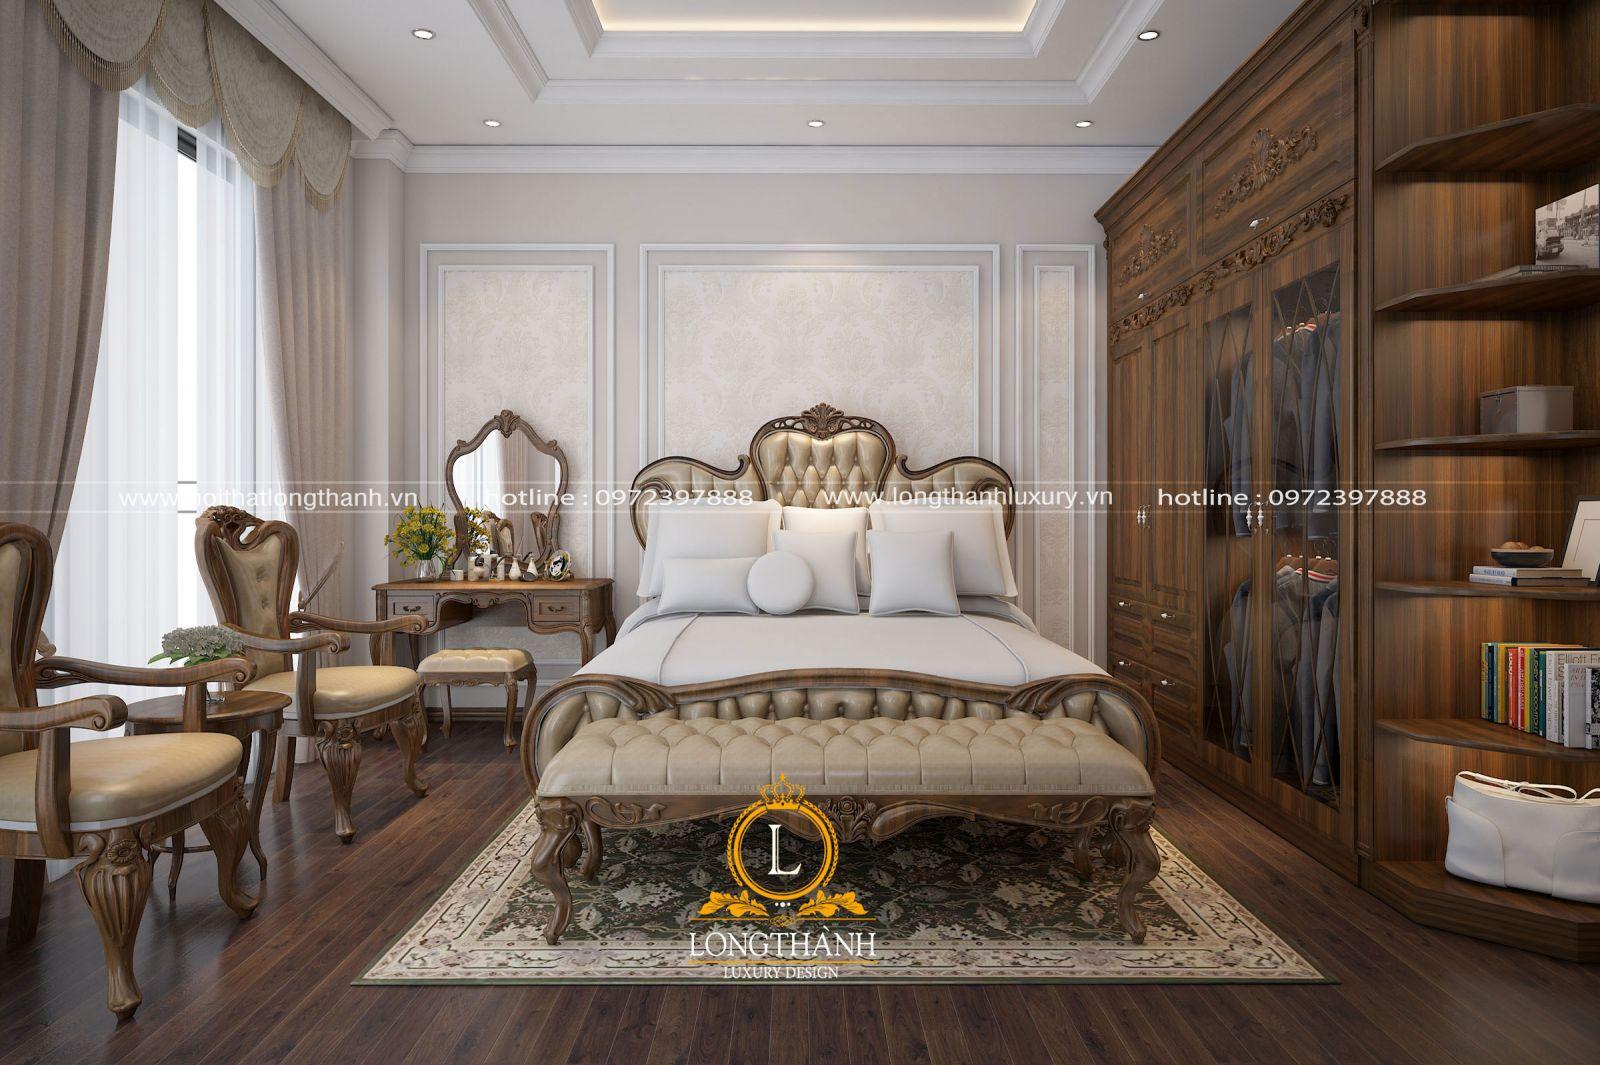 Nội thất phòng ngủ cao cấp được thiết kế đầy khéo léo